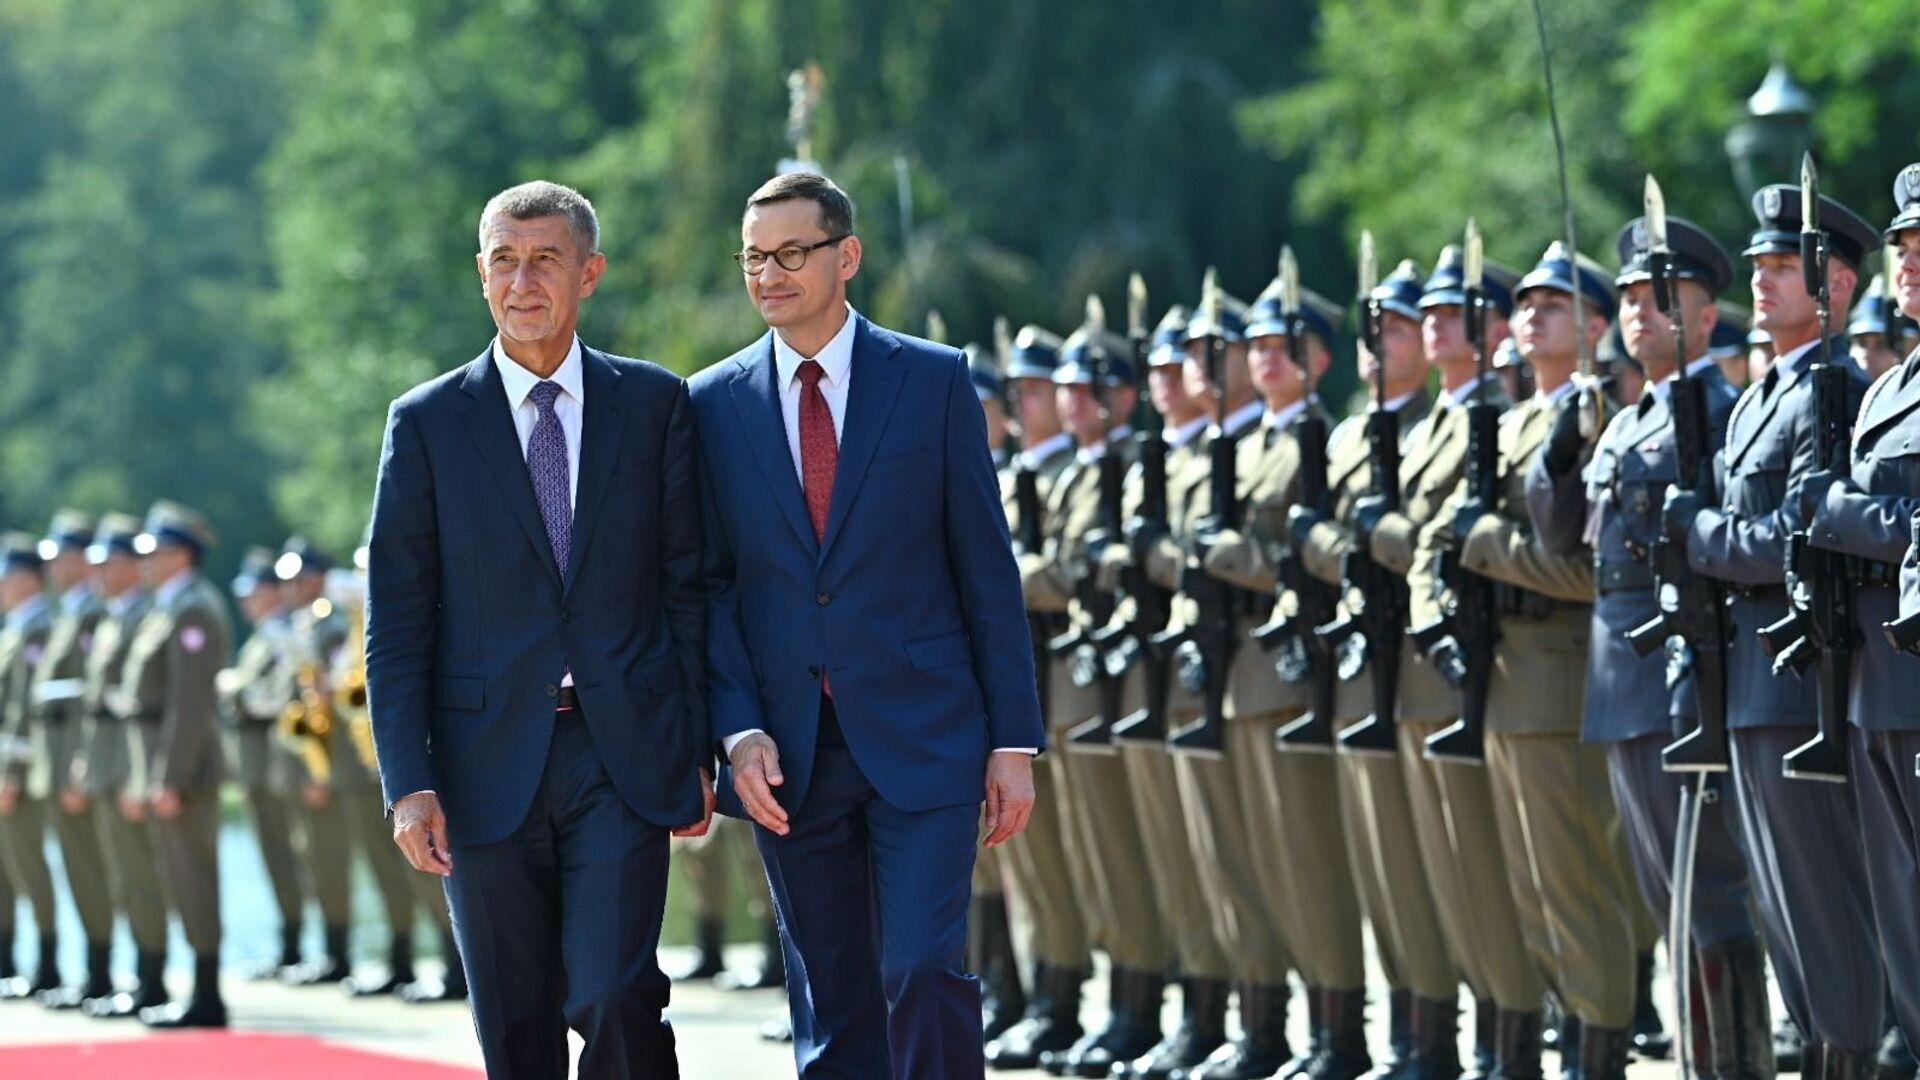 Premier Czech Andrej Babisz i premier Mateusz Morawiecki, wizyta czeskiej delegacji w Polsce - Sputnik Polska, 1920, 10.10.2021